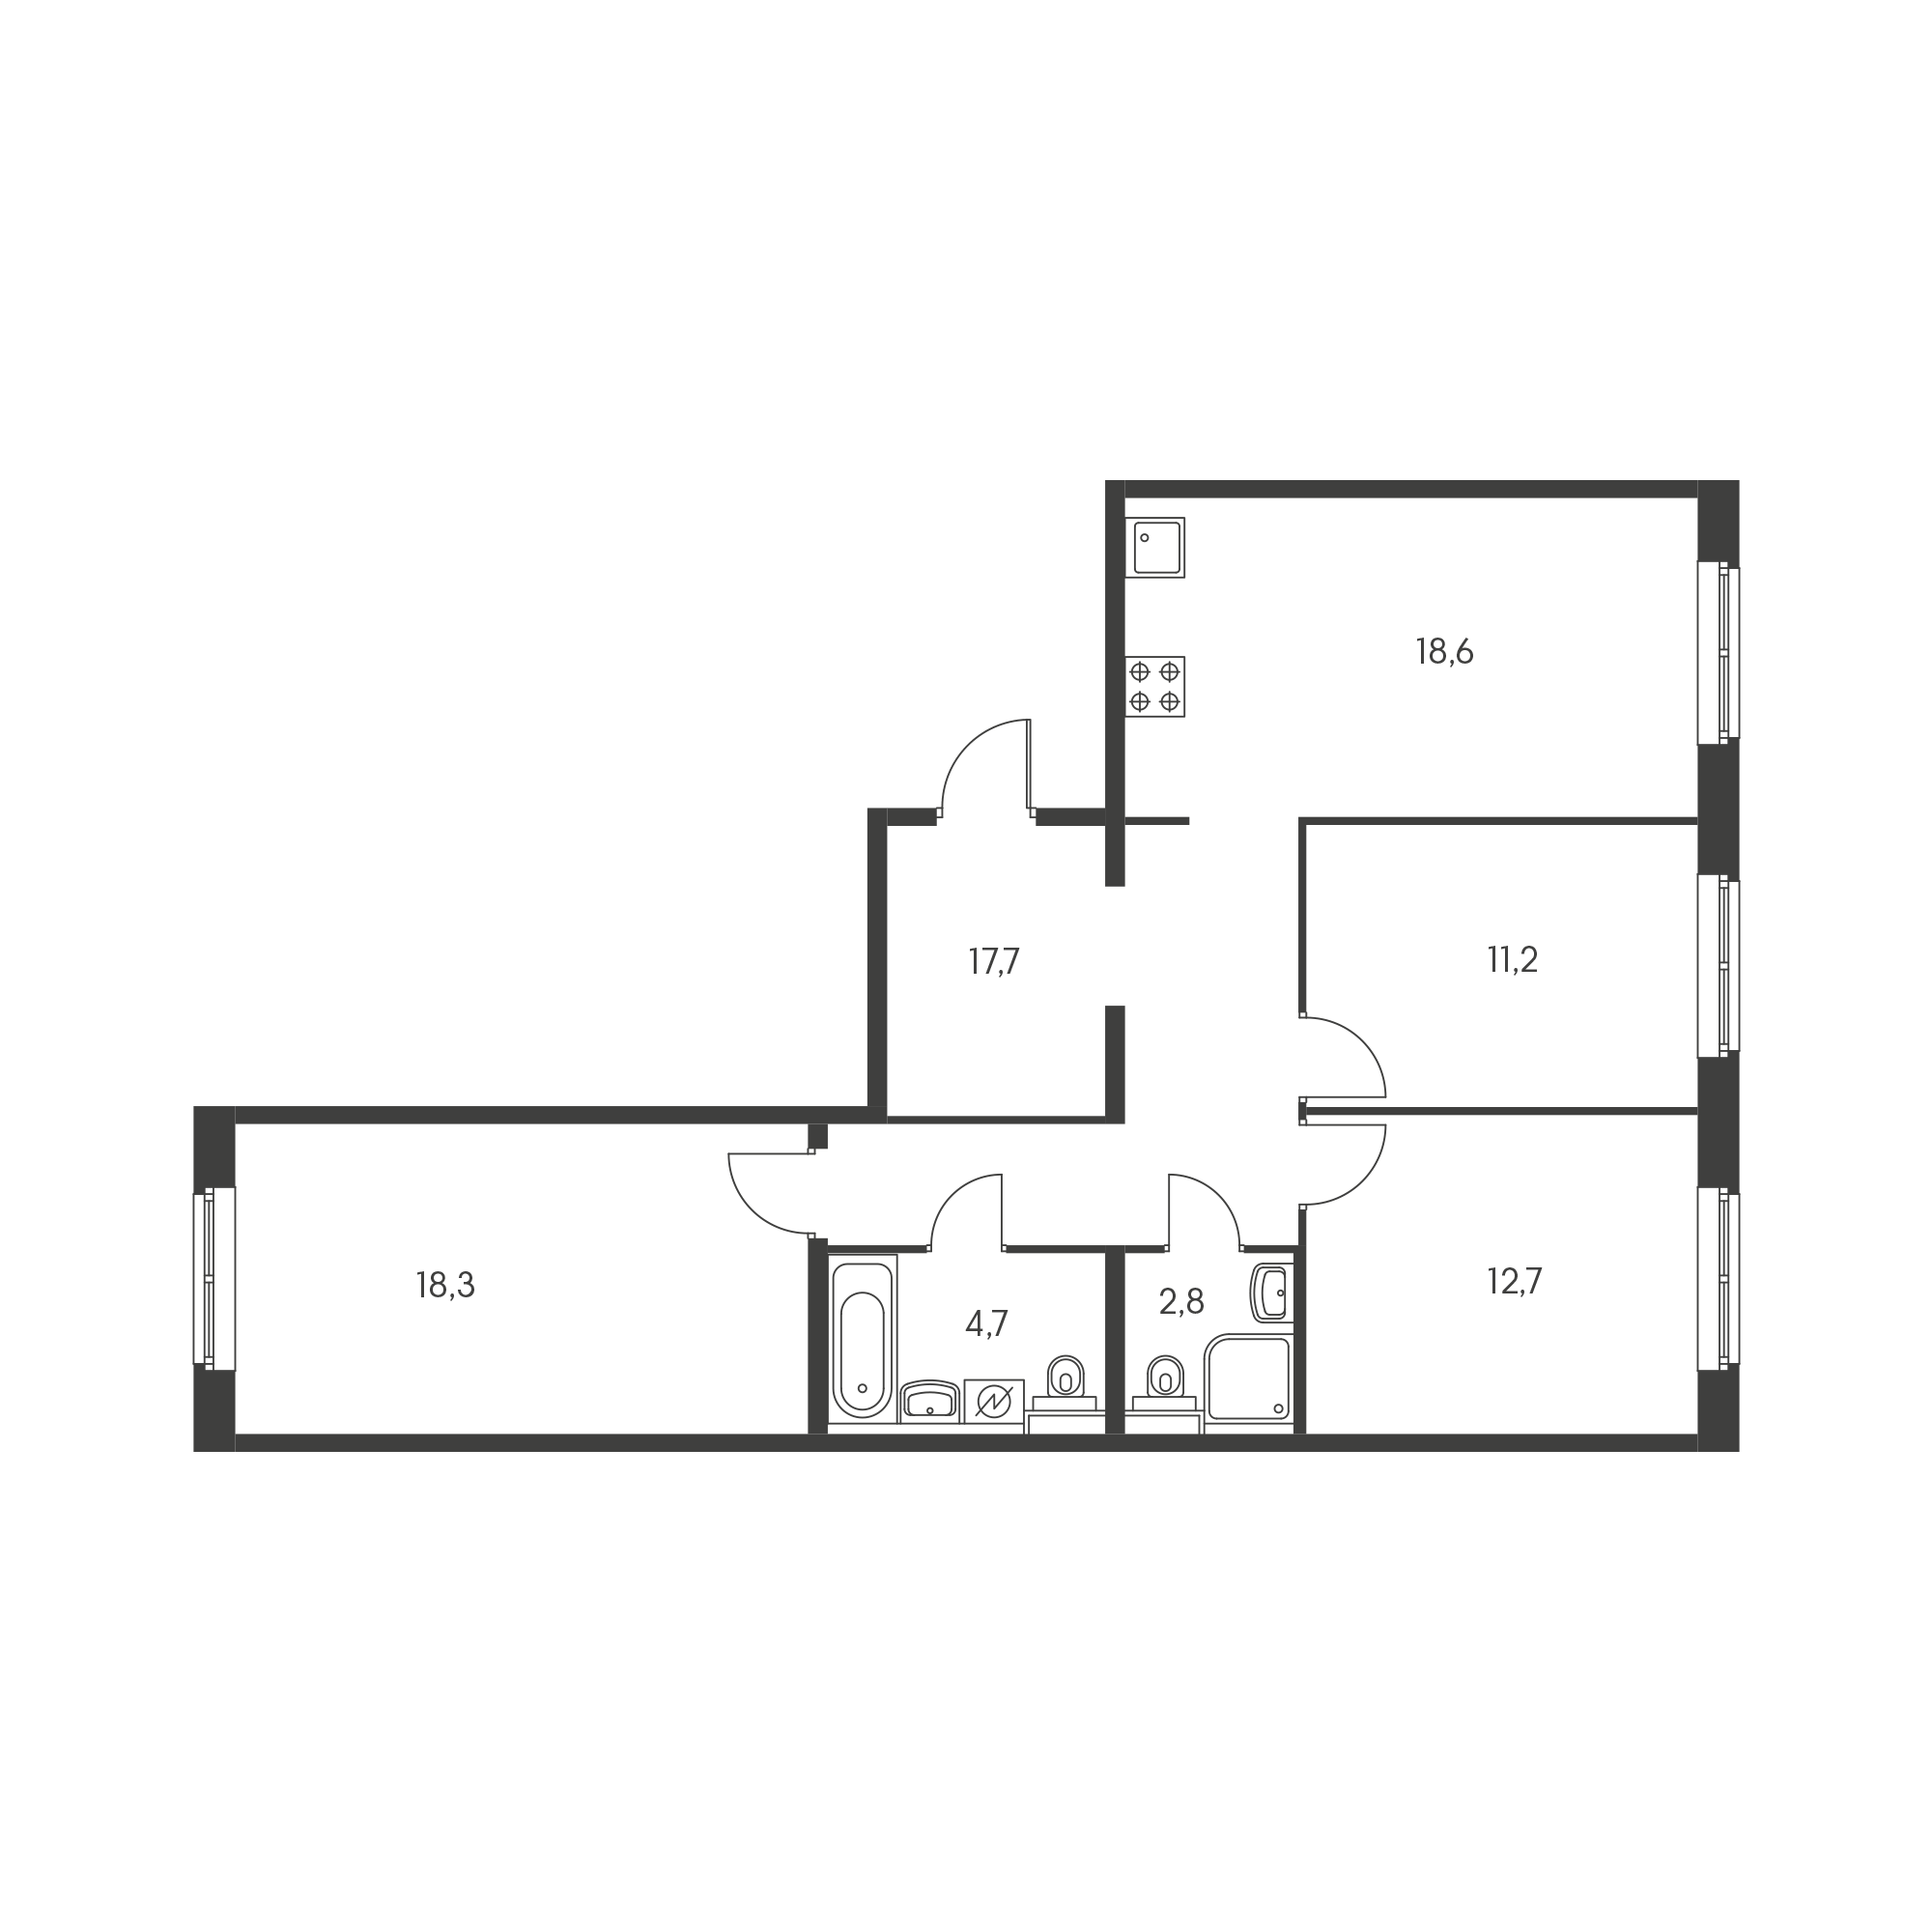 3-комнатная 83.8 м²